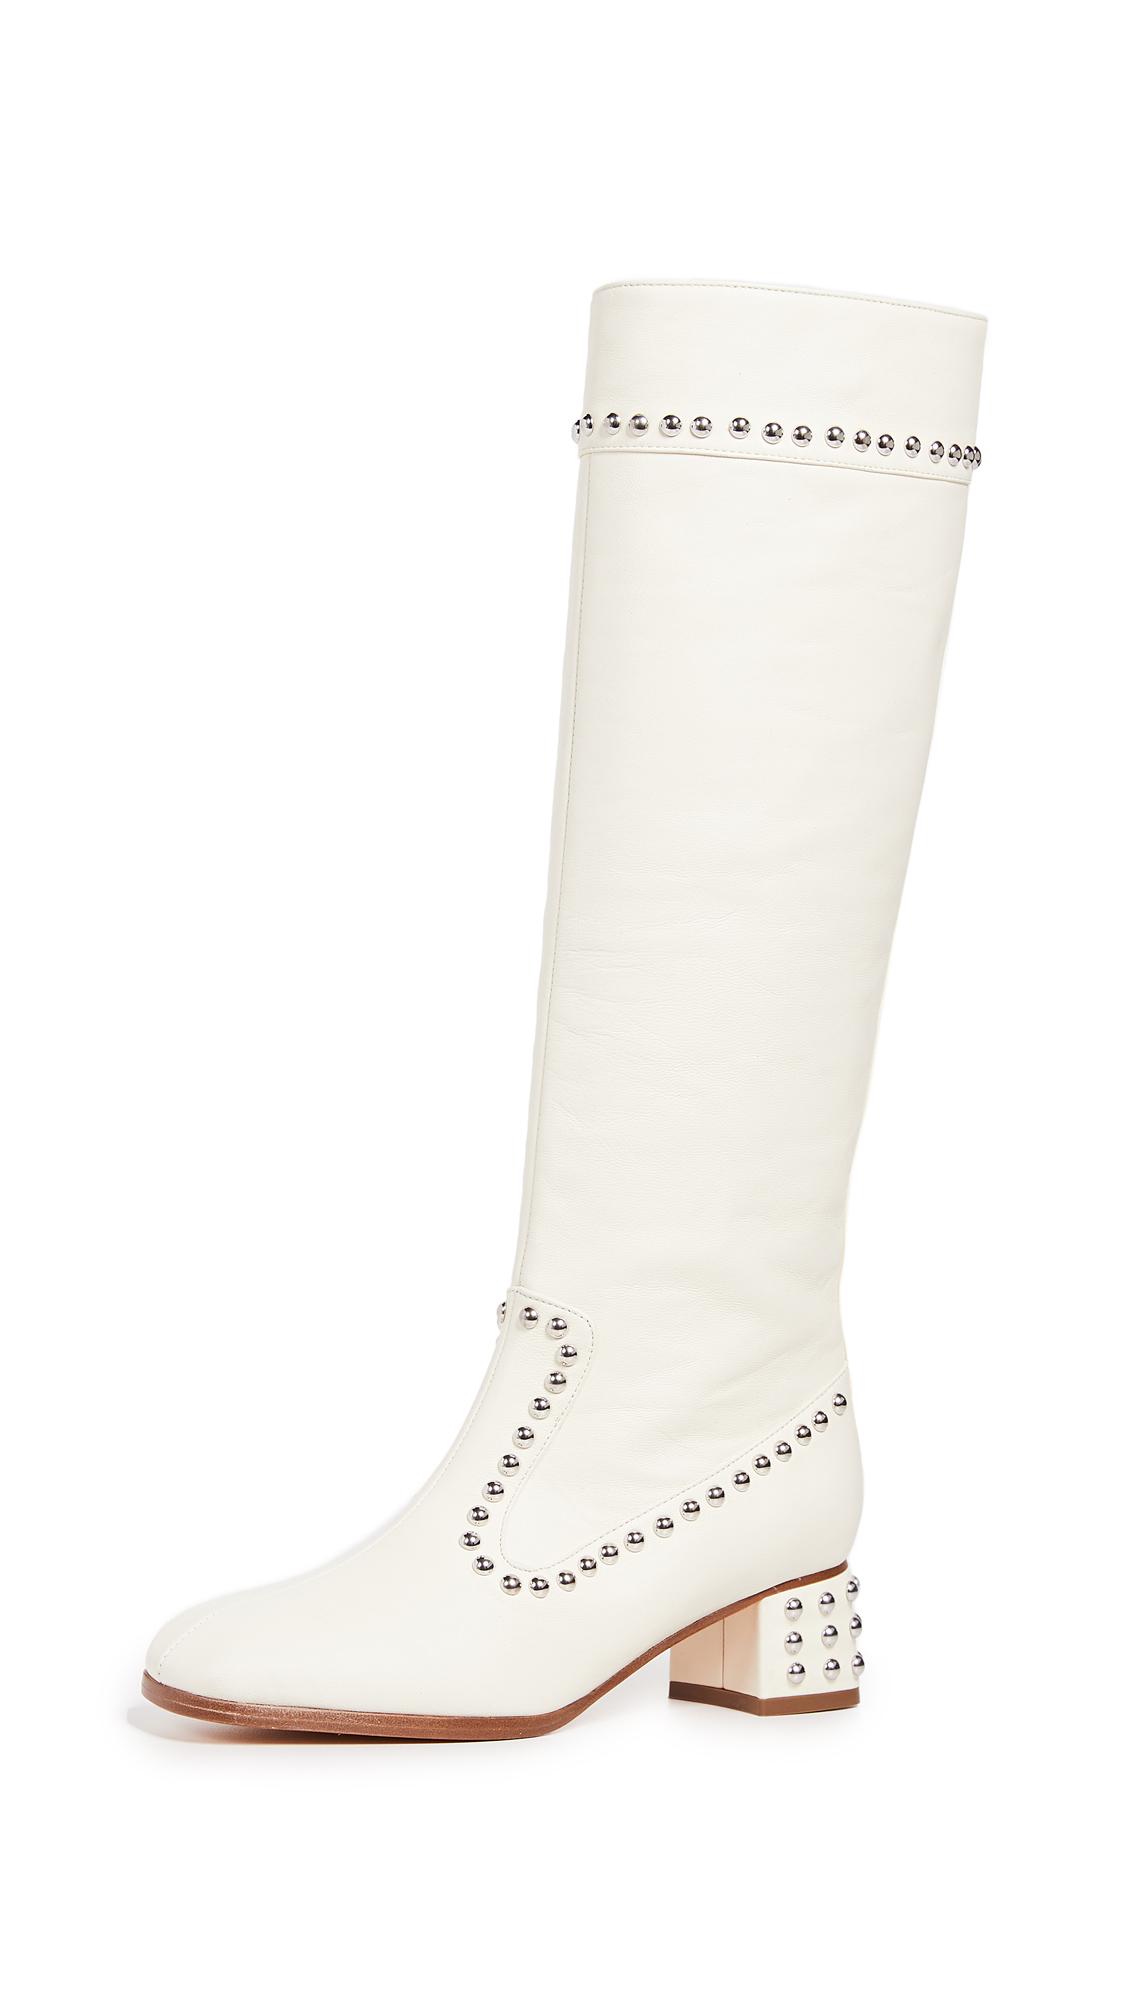 Maryam Nassir Zadeh Kiki Boots In Cream